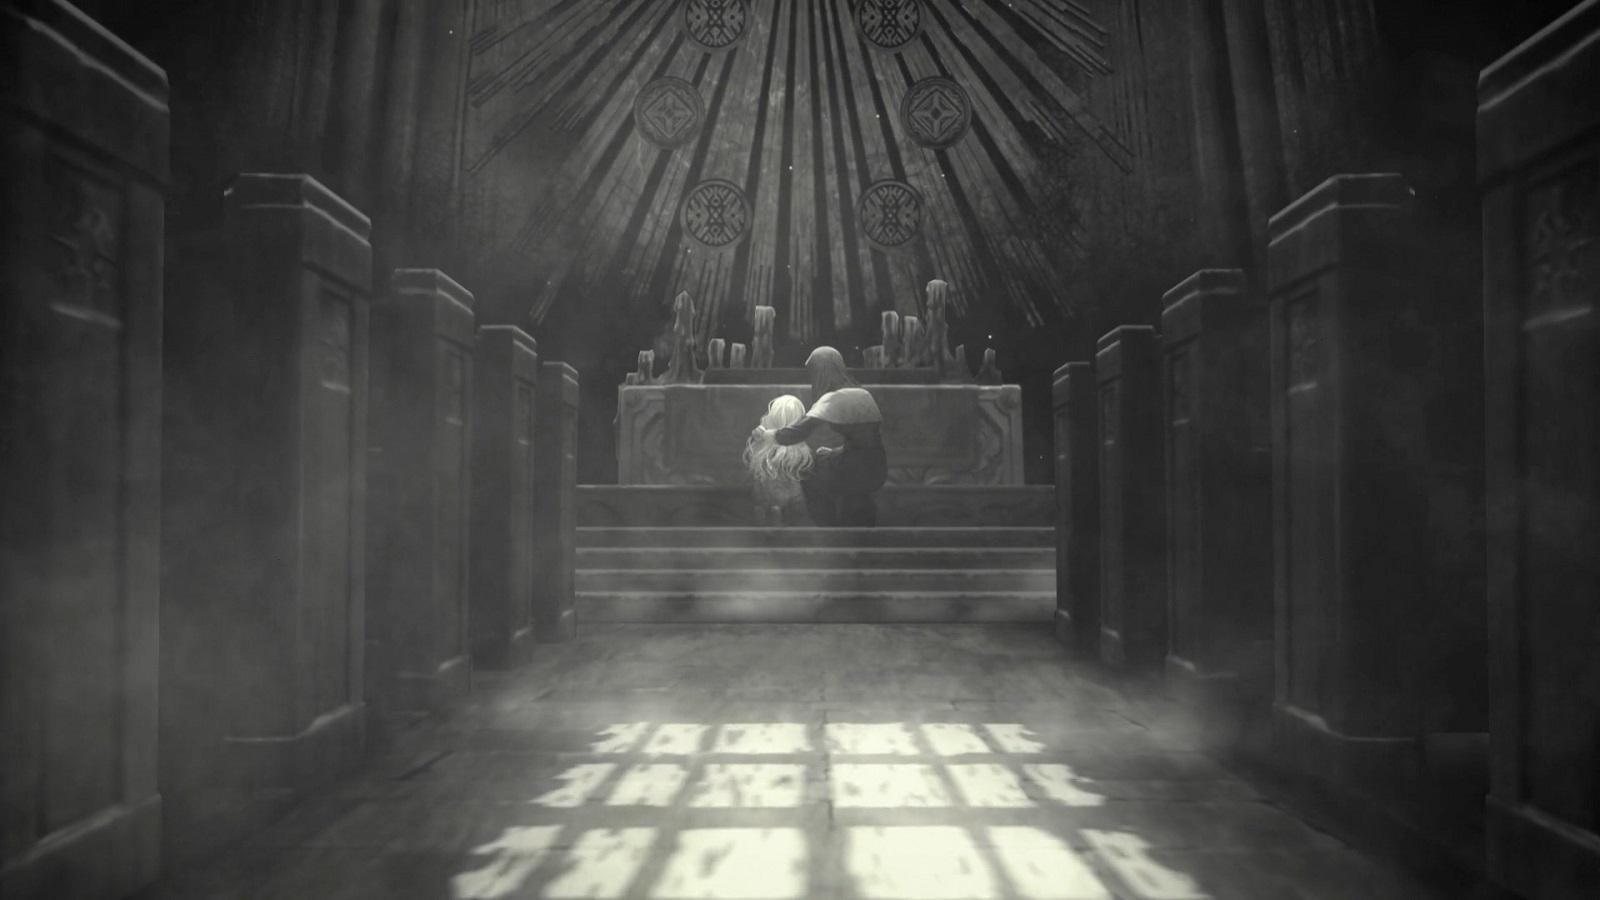 Мрачный экшен-платформер Ender Lilies: Quietus of the Knights выйдет в раннем доступе Steam к концу января